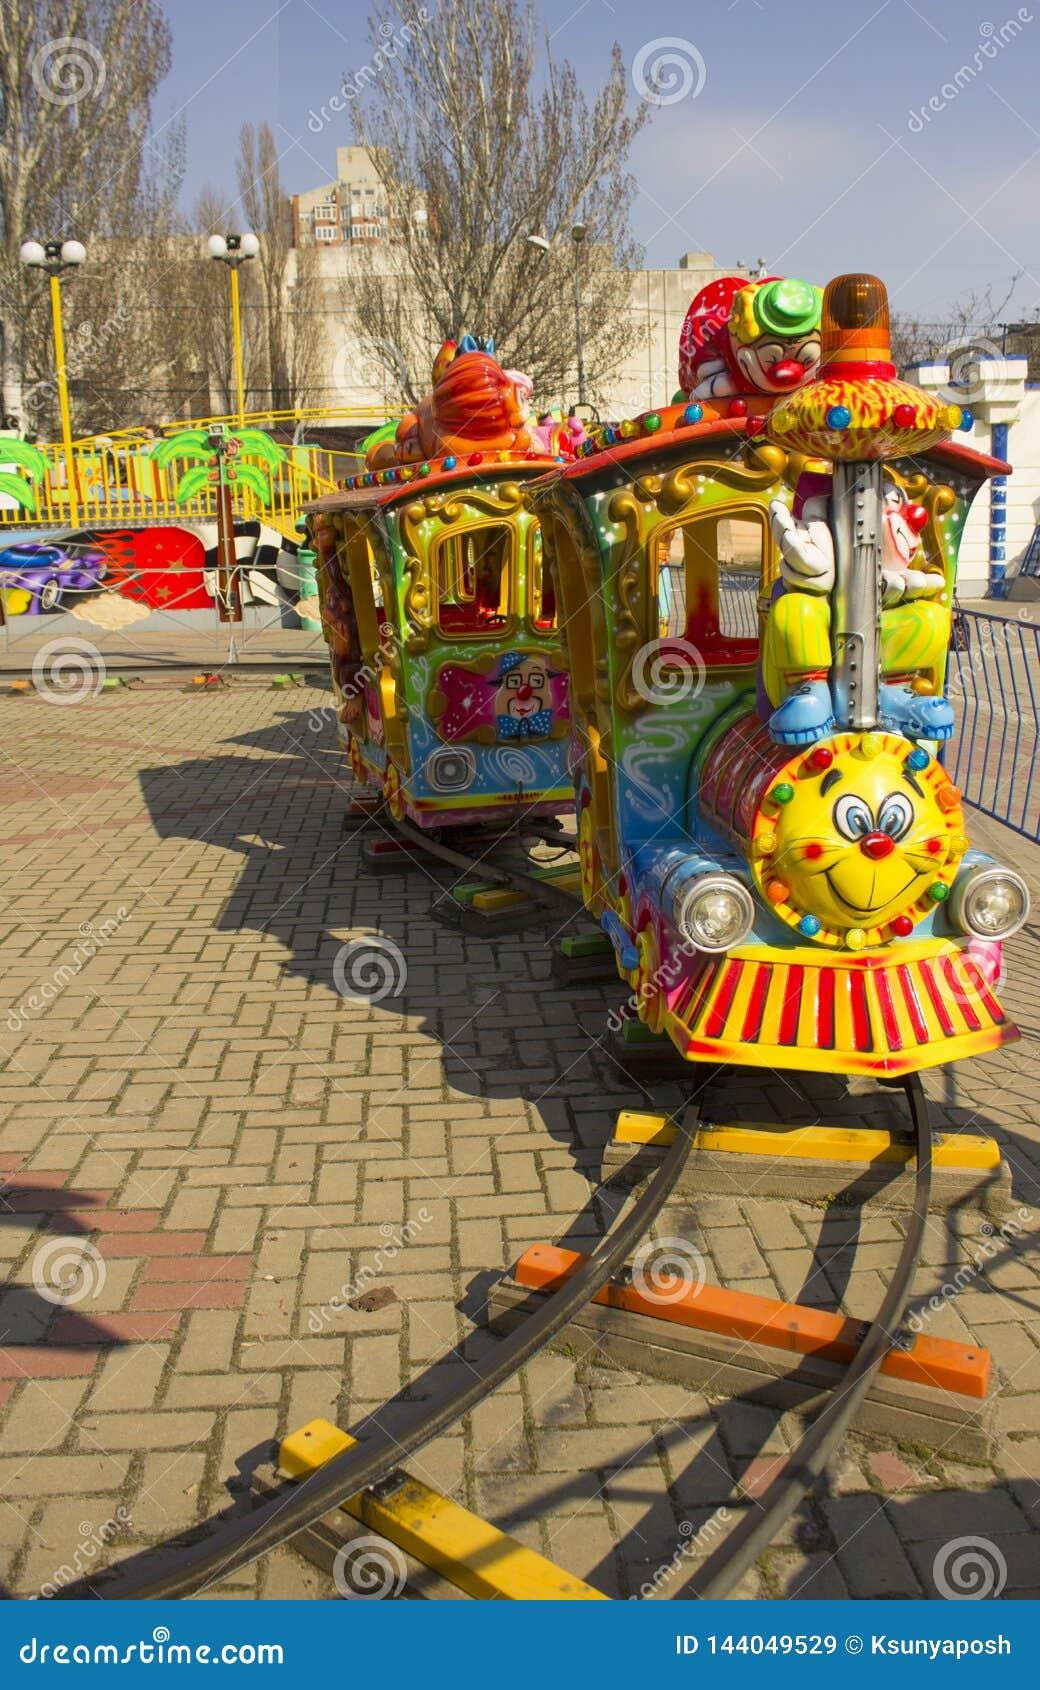 Rostov-On-Don, Fédération de Russie, le 30 mars 2019 Parc d attractions Locomotive lumineuse avec un visage sur la locomotive